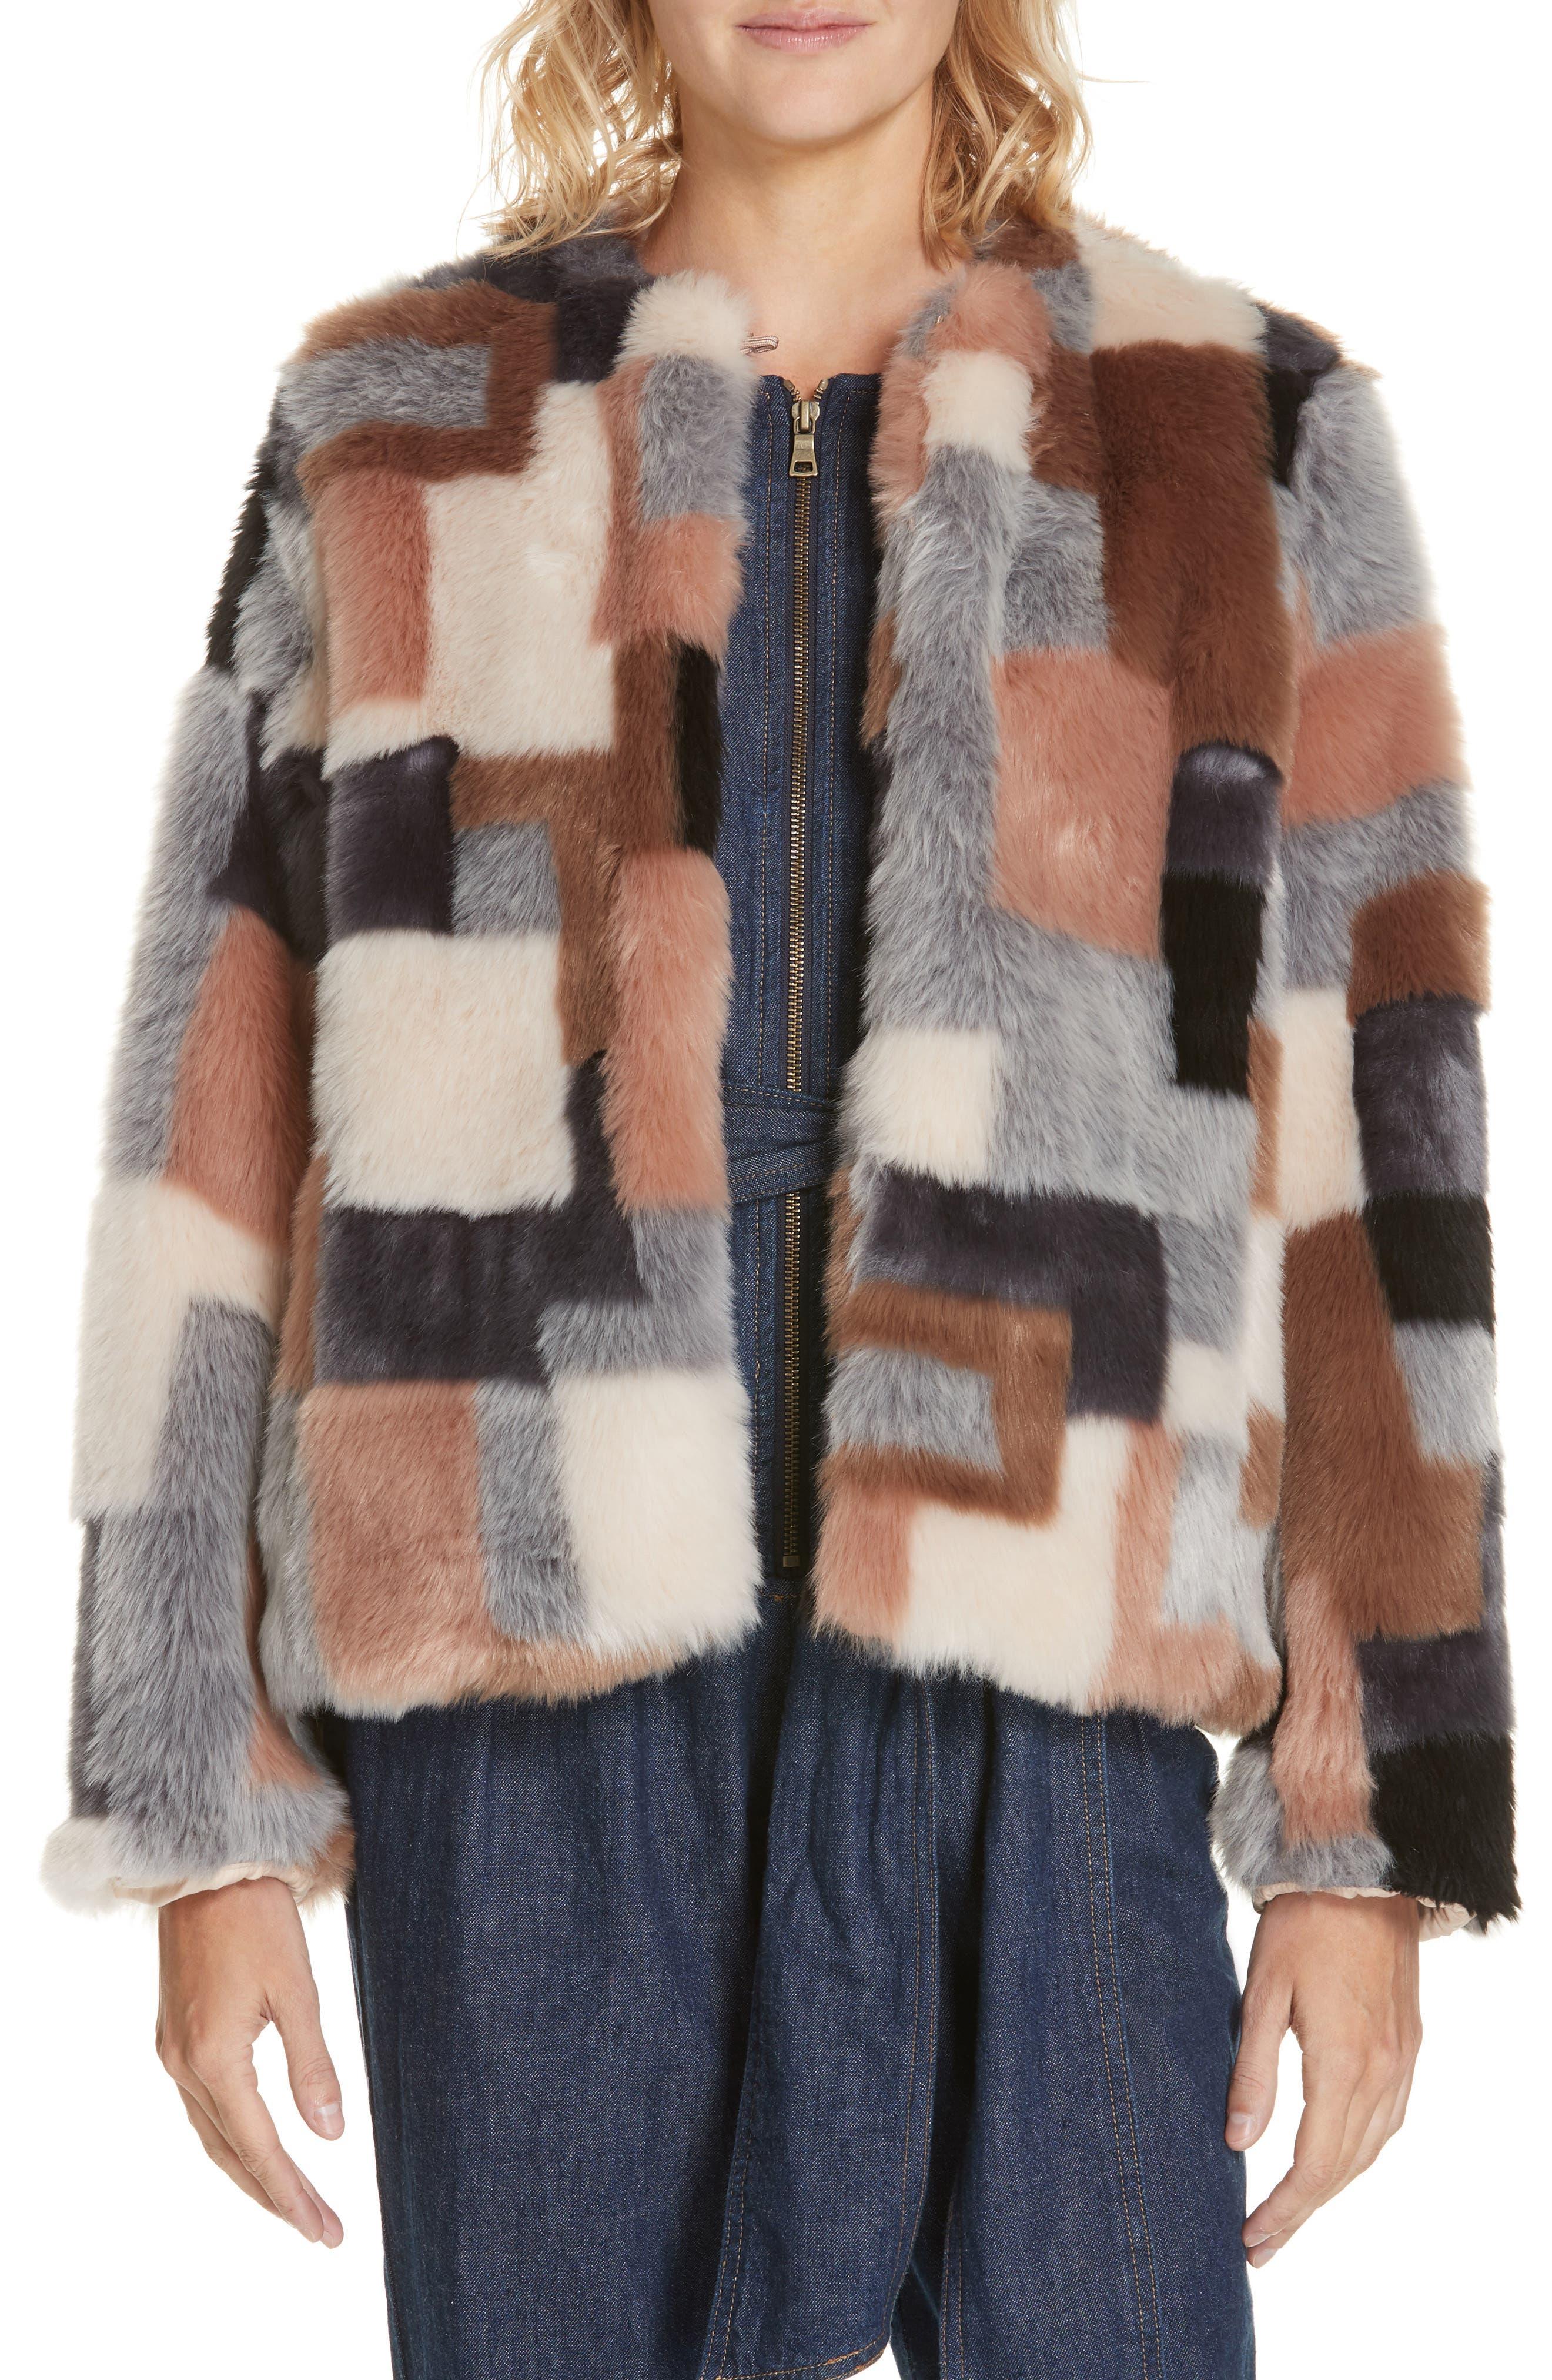 LA VIE REBECCA TAYLOR Patched Faux Fur Jacket, Main, color, 400